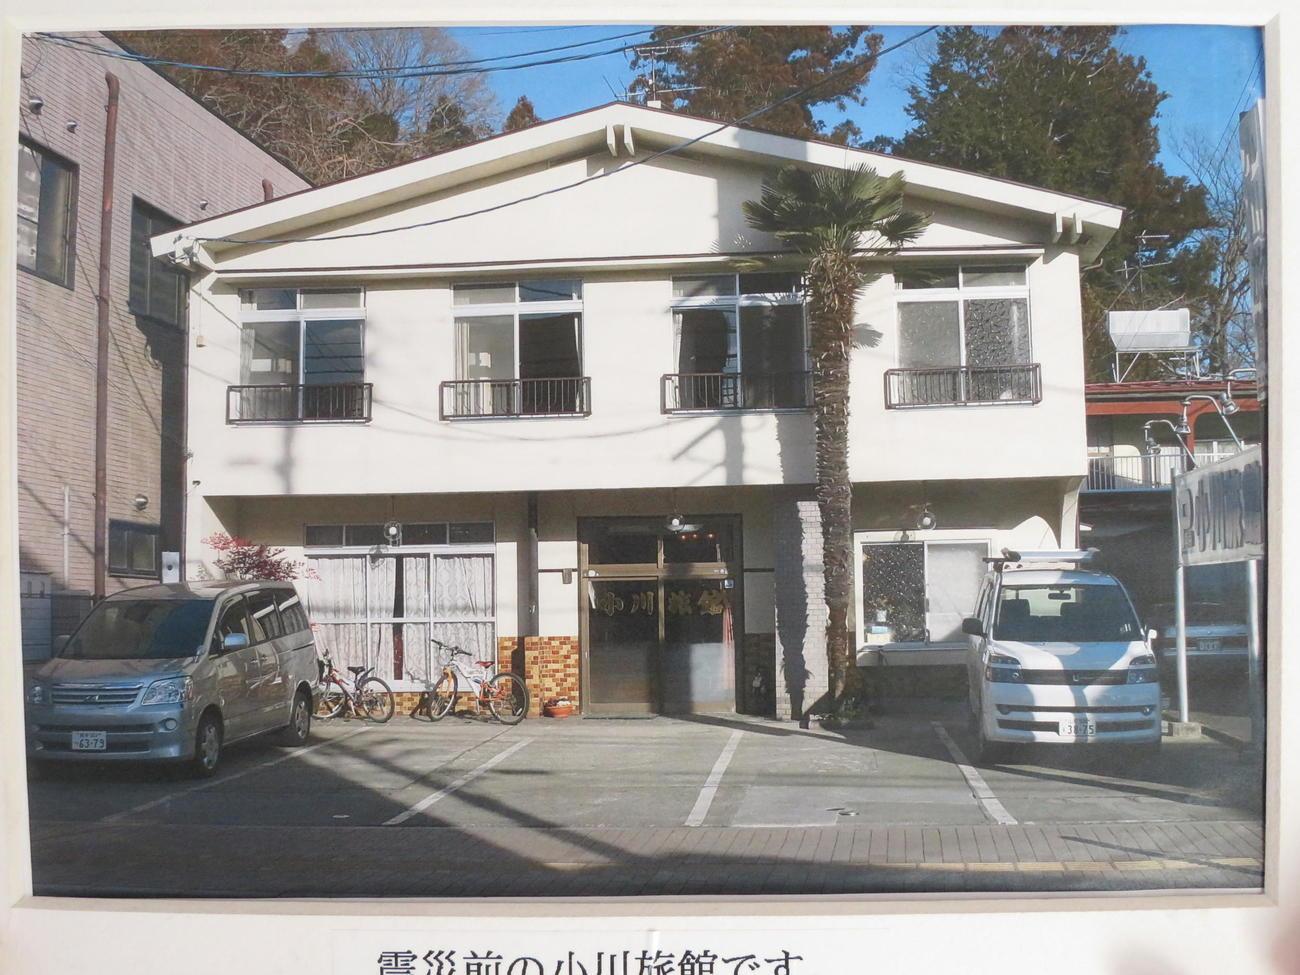 東日本大震災前の小川旅館(同館提供)